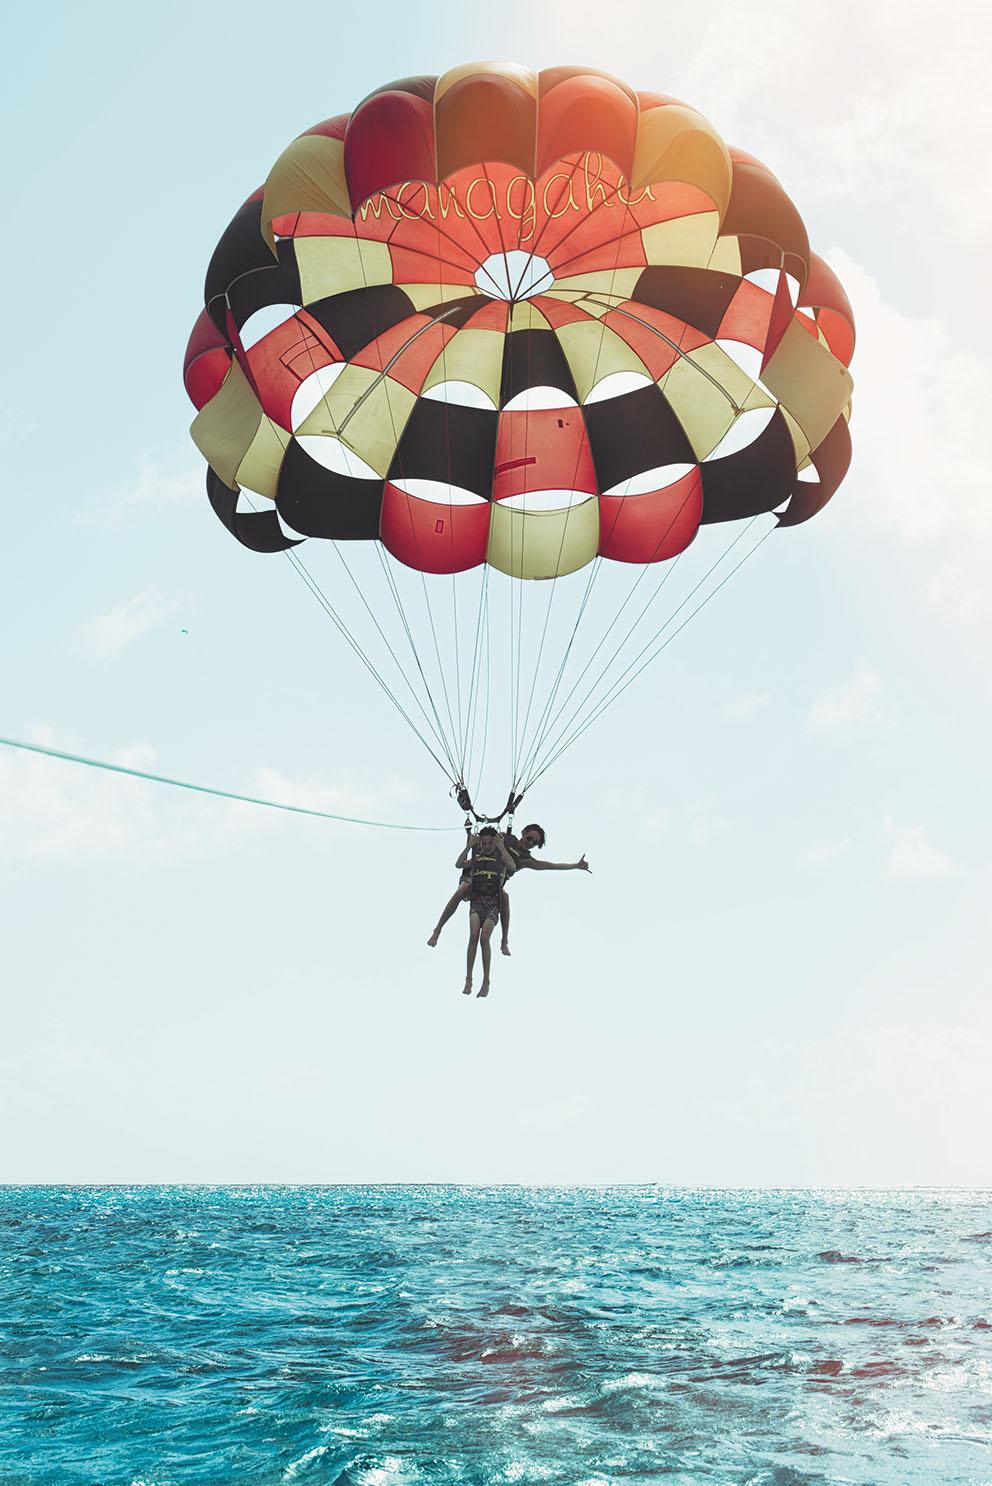 パラセーリングでマニャガハ島からサイパンまでの海を一望して。